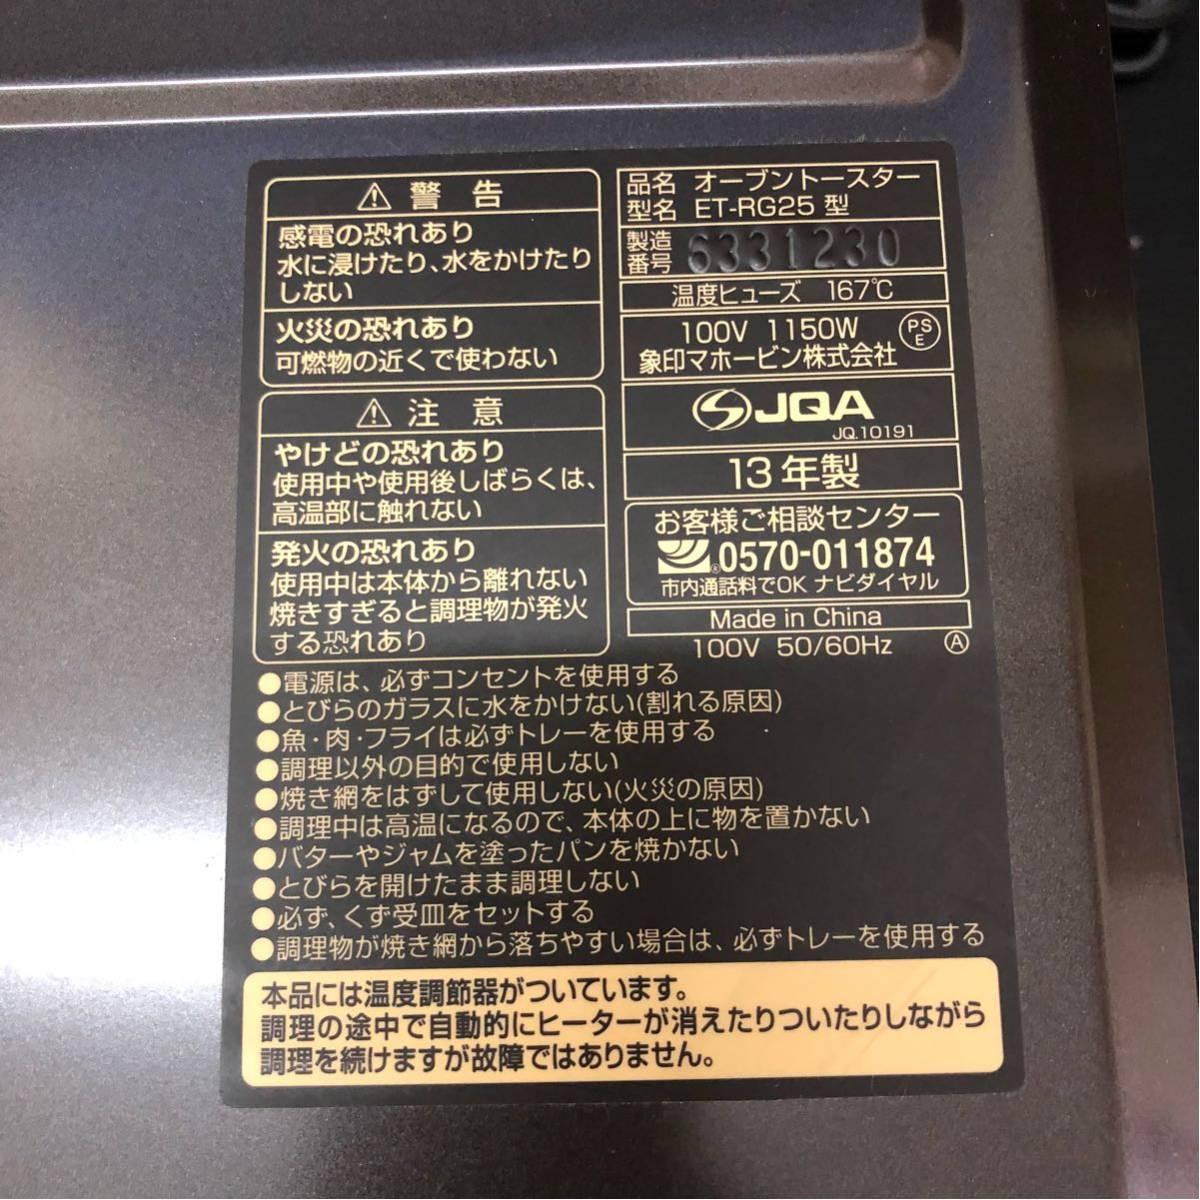 ★☆ 象印 ZOJIRUSHI オーブントースター ET-RG25 未使用品 ☆★_画像3